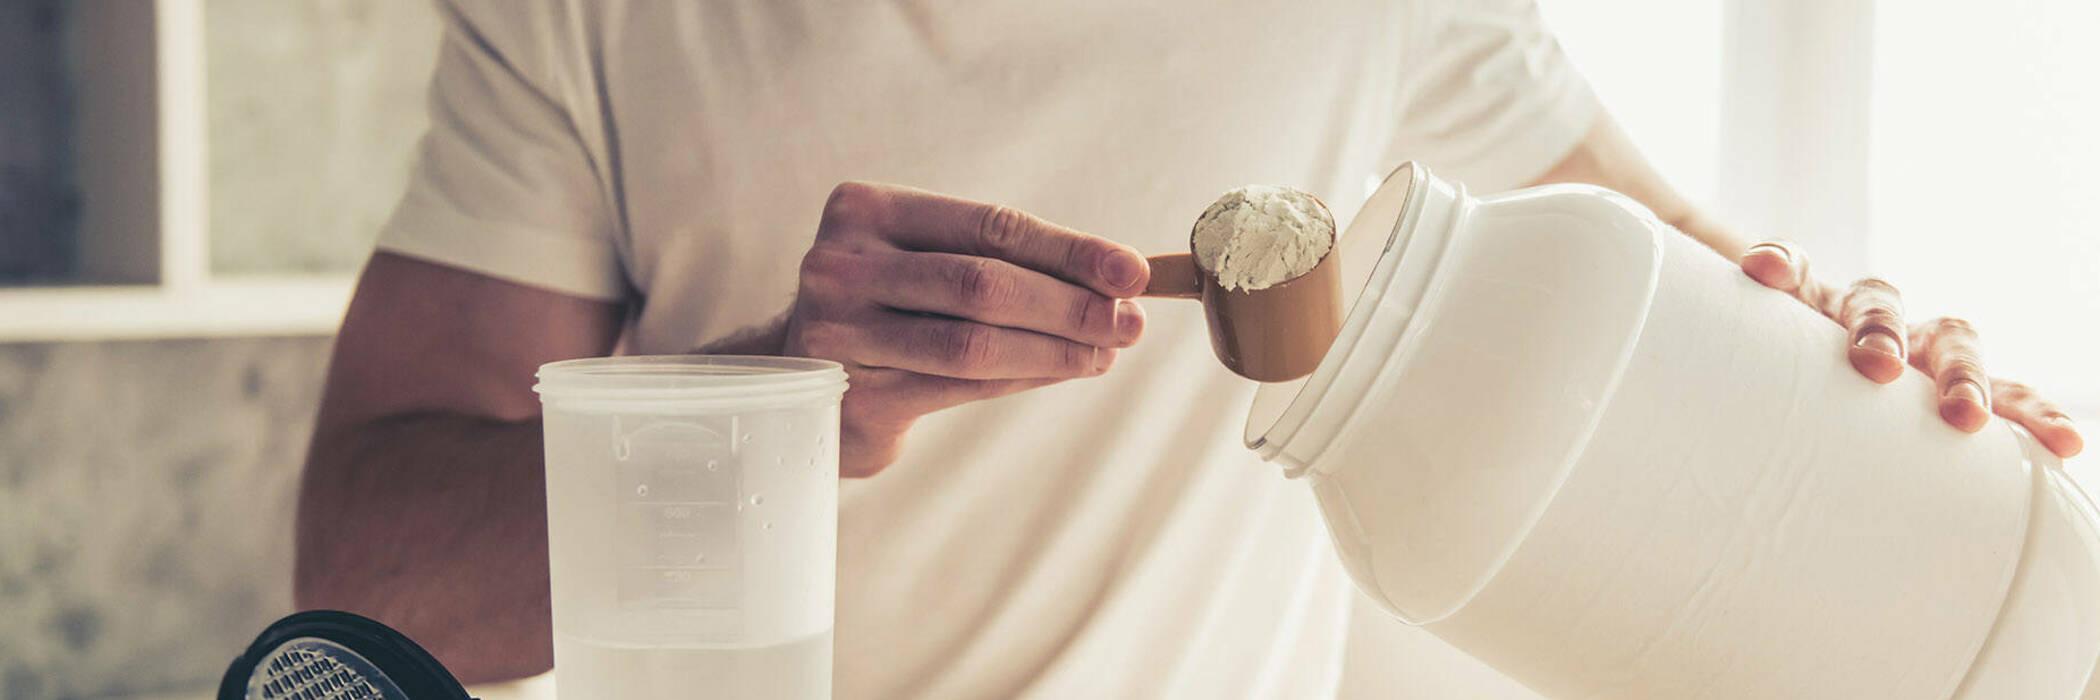 Man preparing protein powder shake